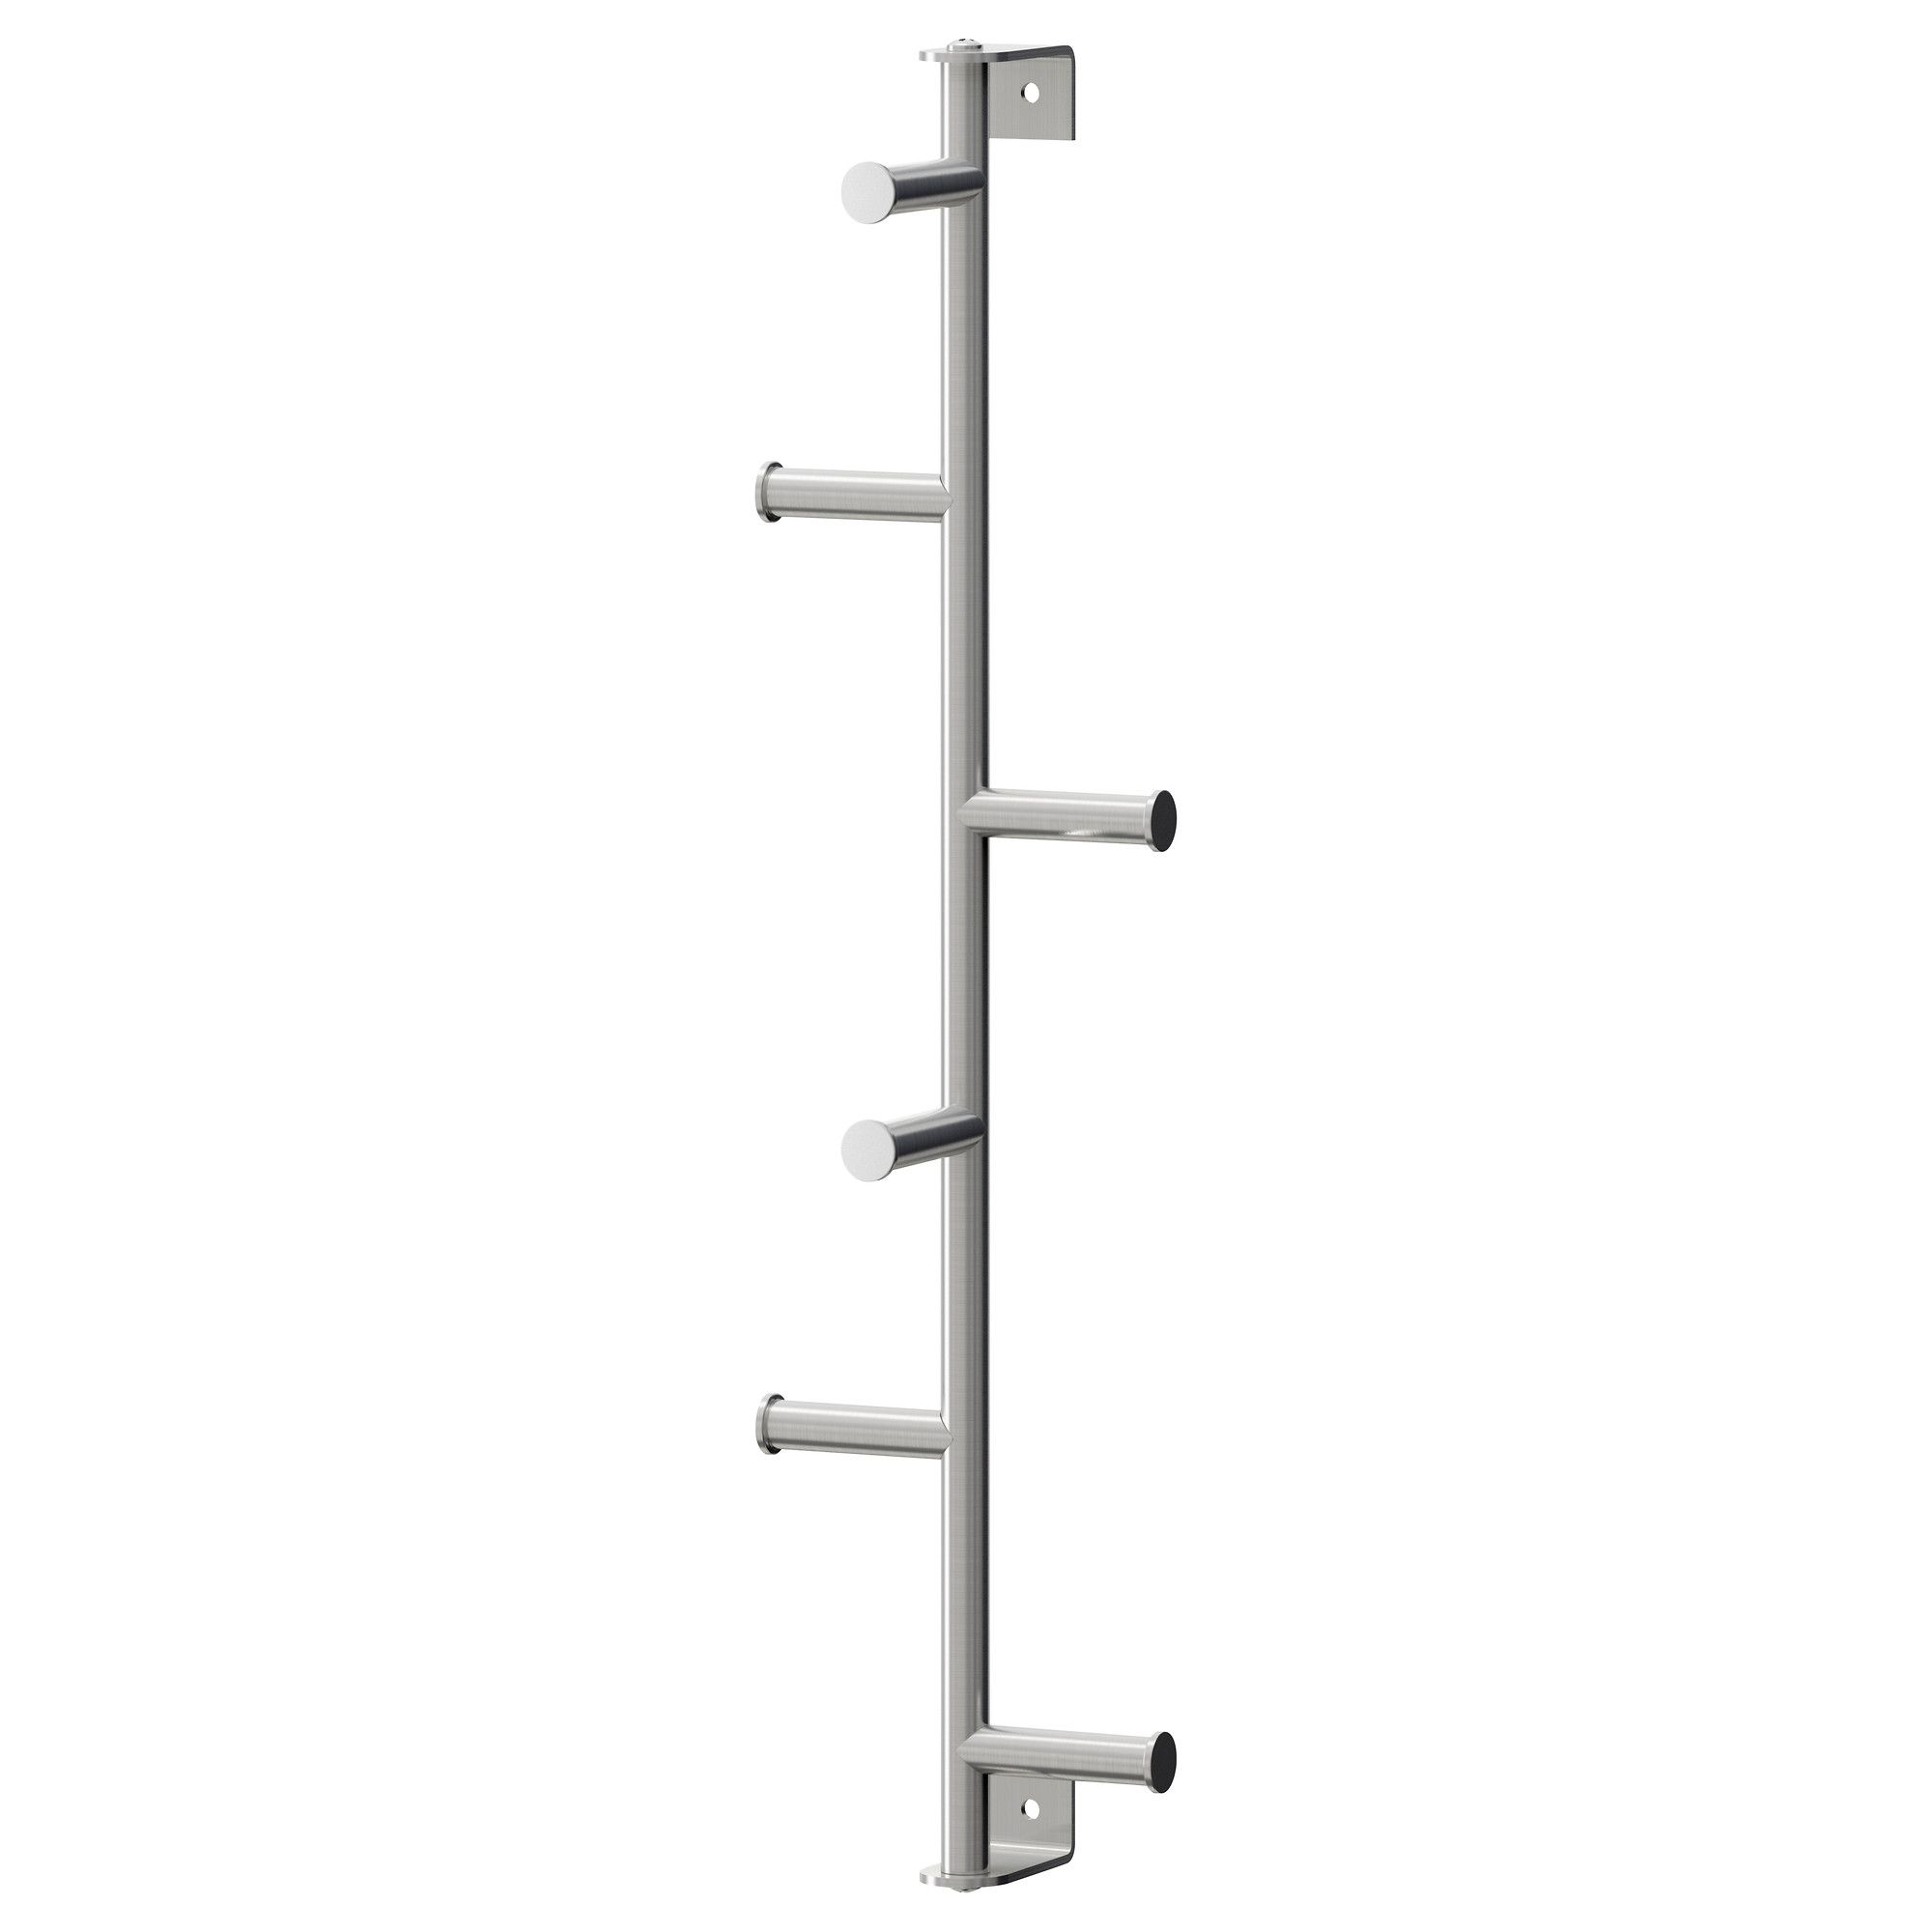 Grundtal Leiste Mit 6 Haken Ikea Vorraum Ecke Ideen Für Meine